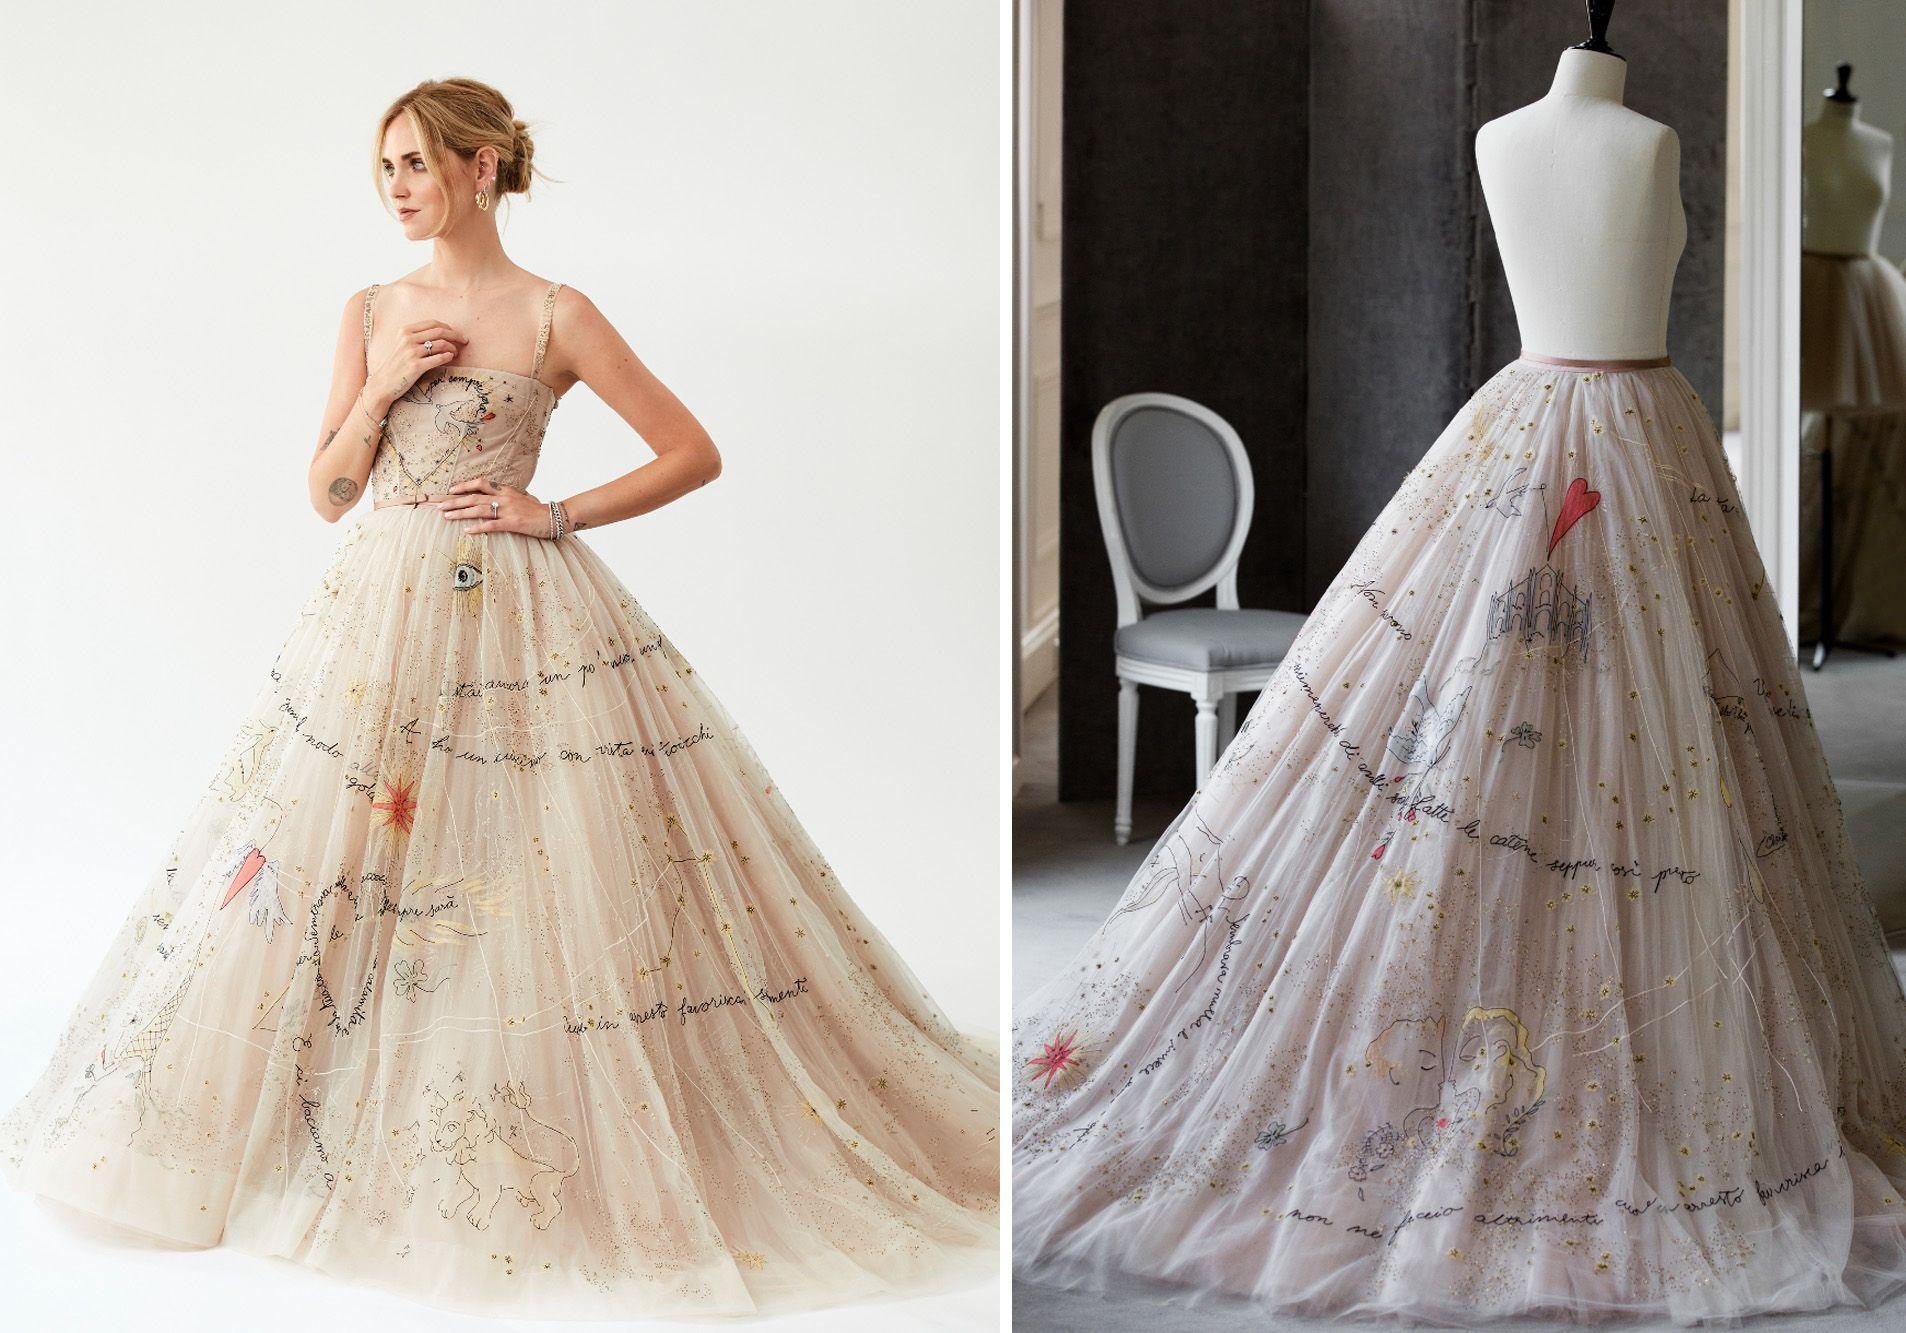 Chiara Ferrangni S 3 Dior Couture Wedding Dresses Took 1 600 Hours